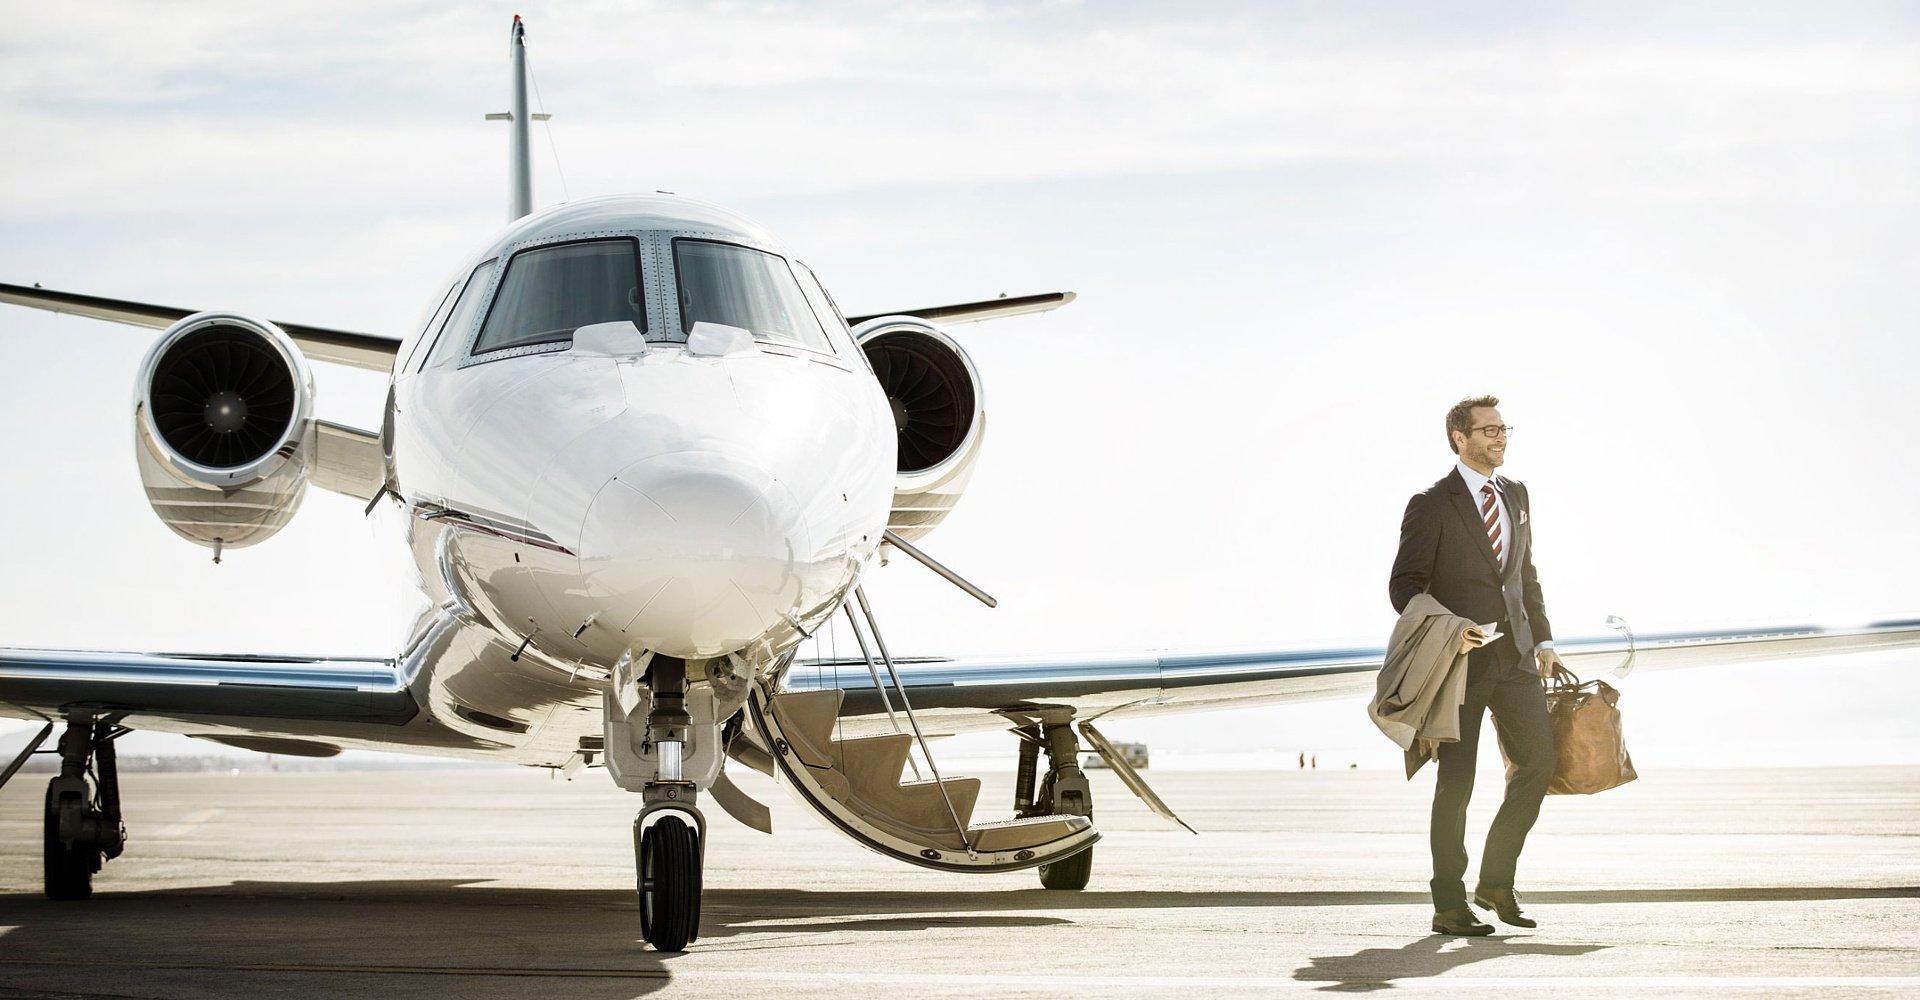 Аэропорт Чкаловский — Бизнес авиация в Москве